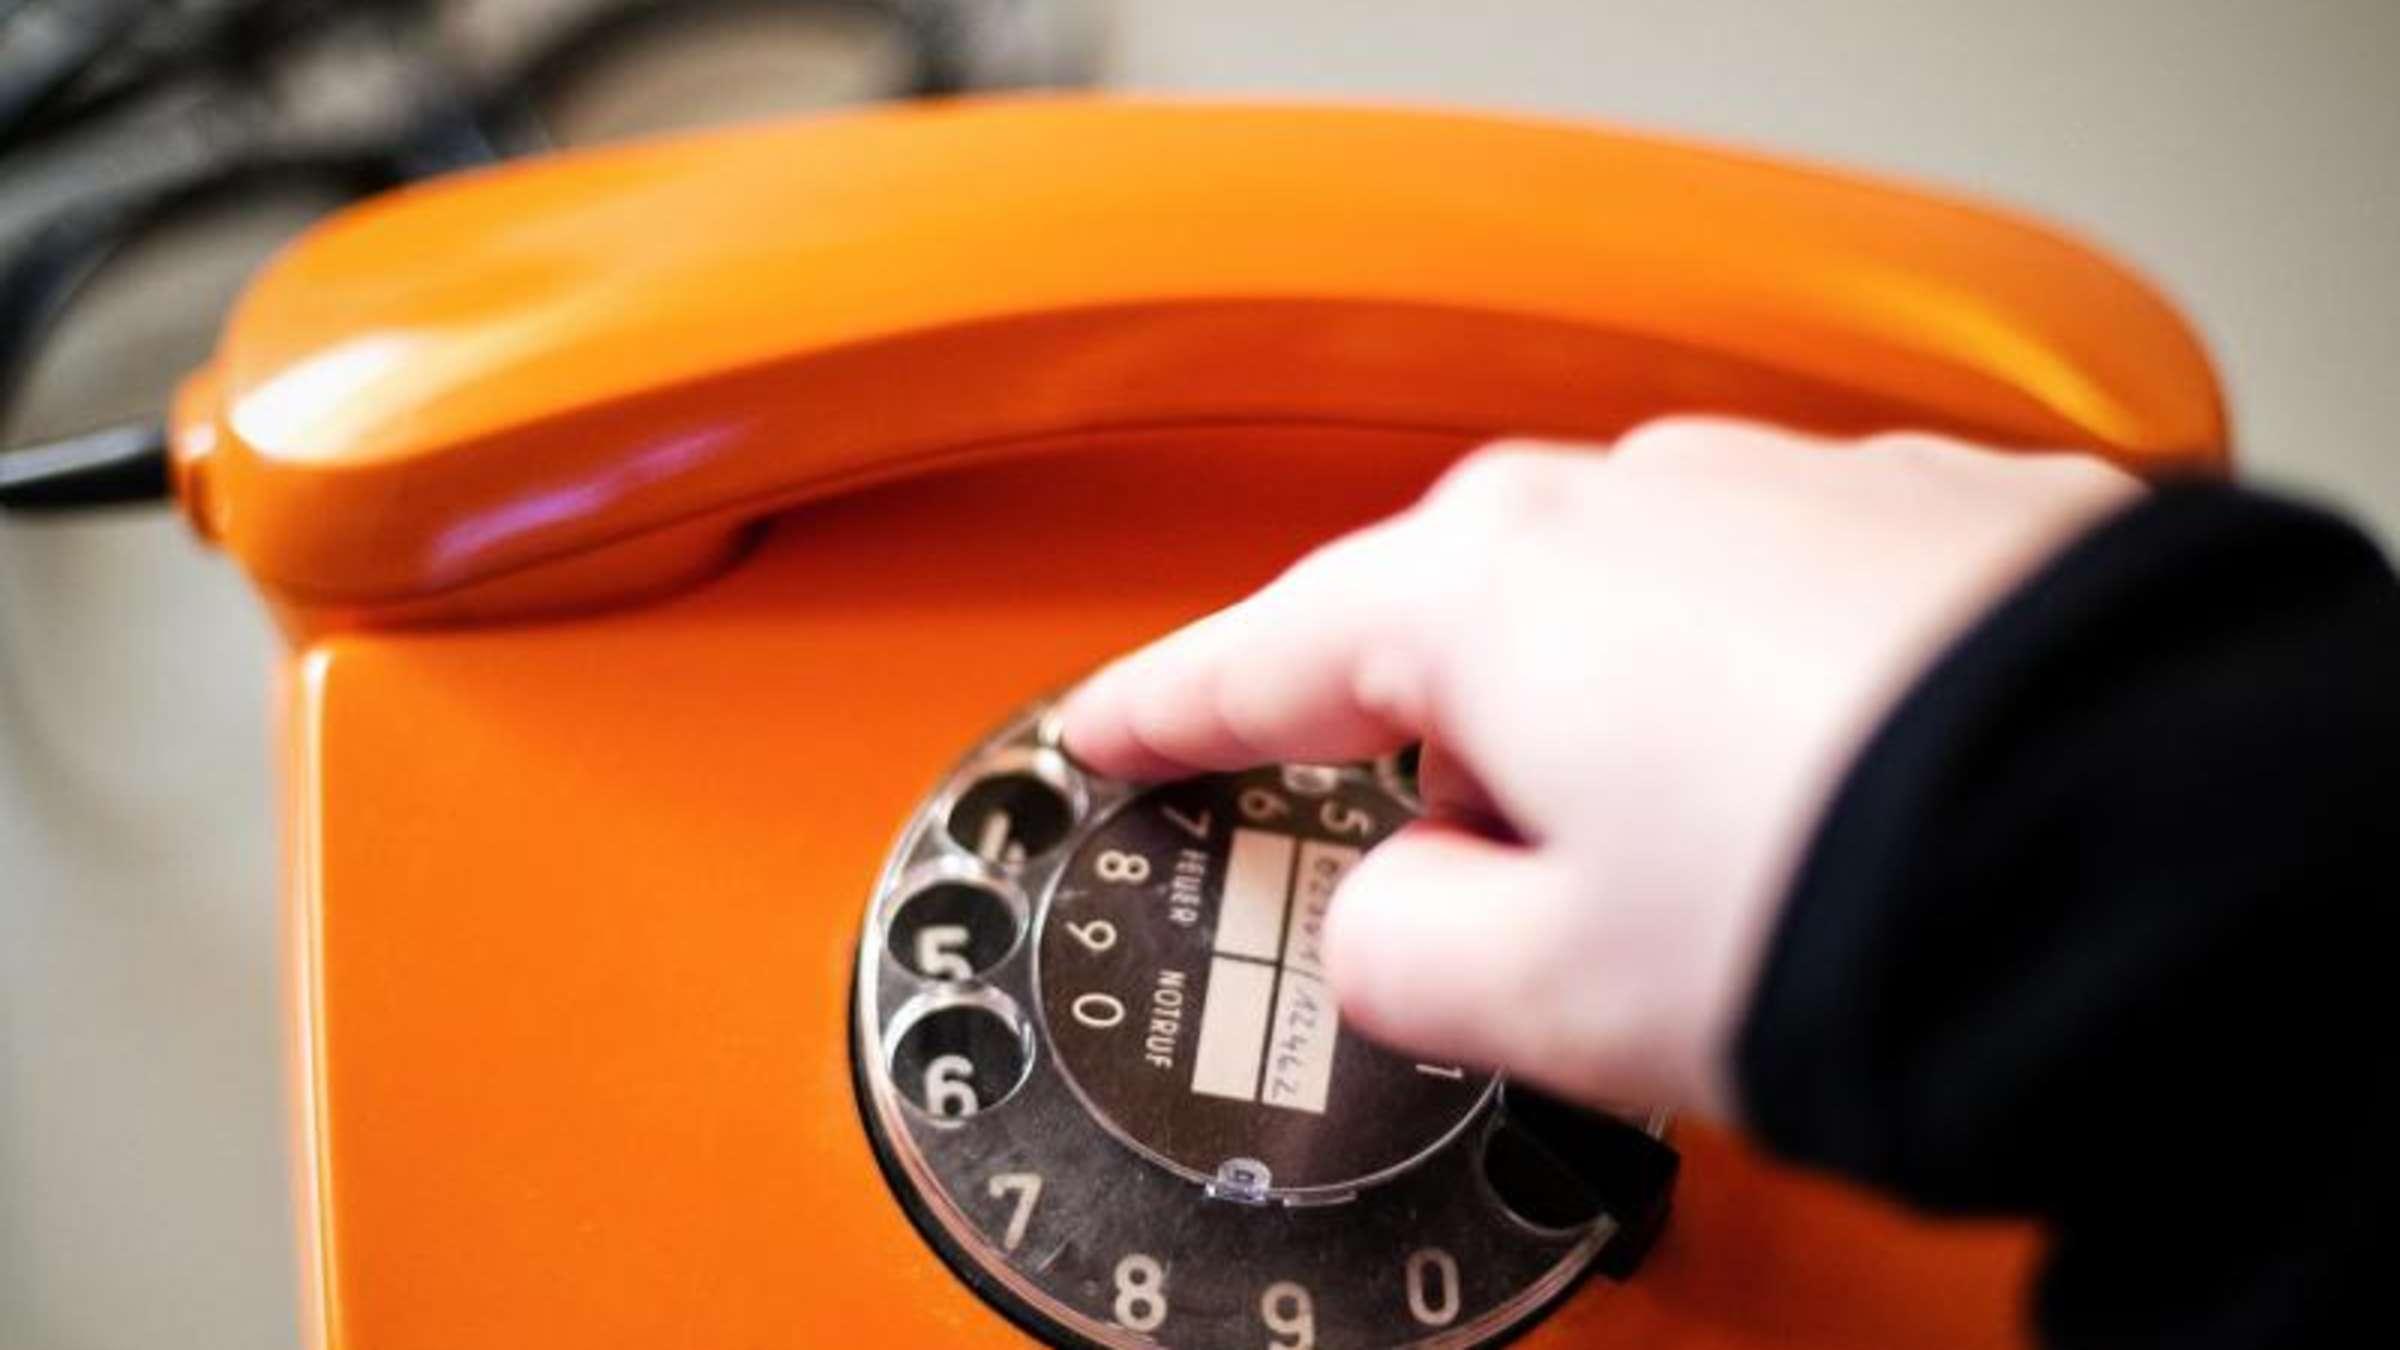 mietgerät telekom zurückgeben